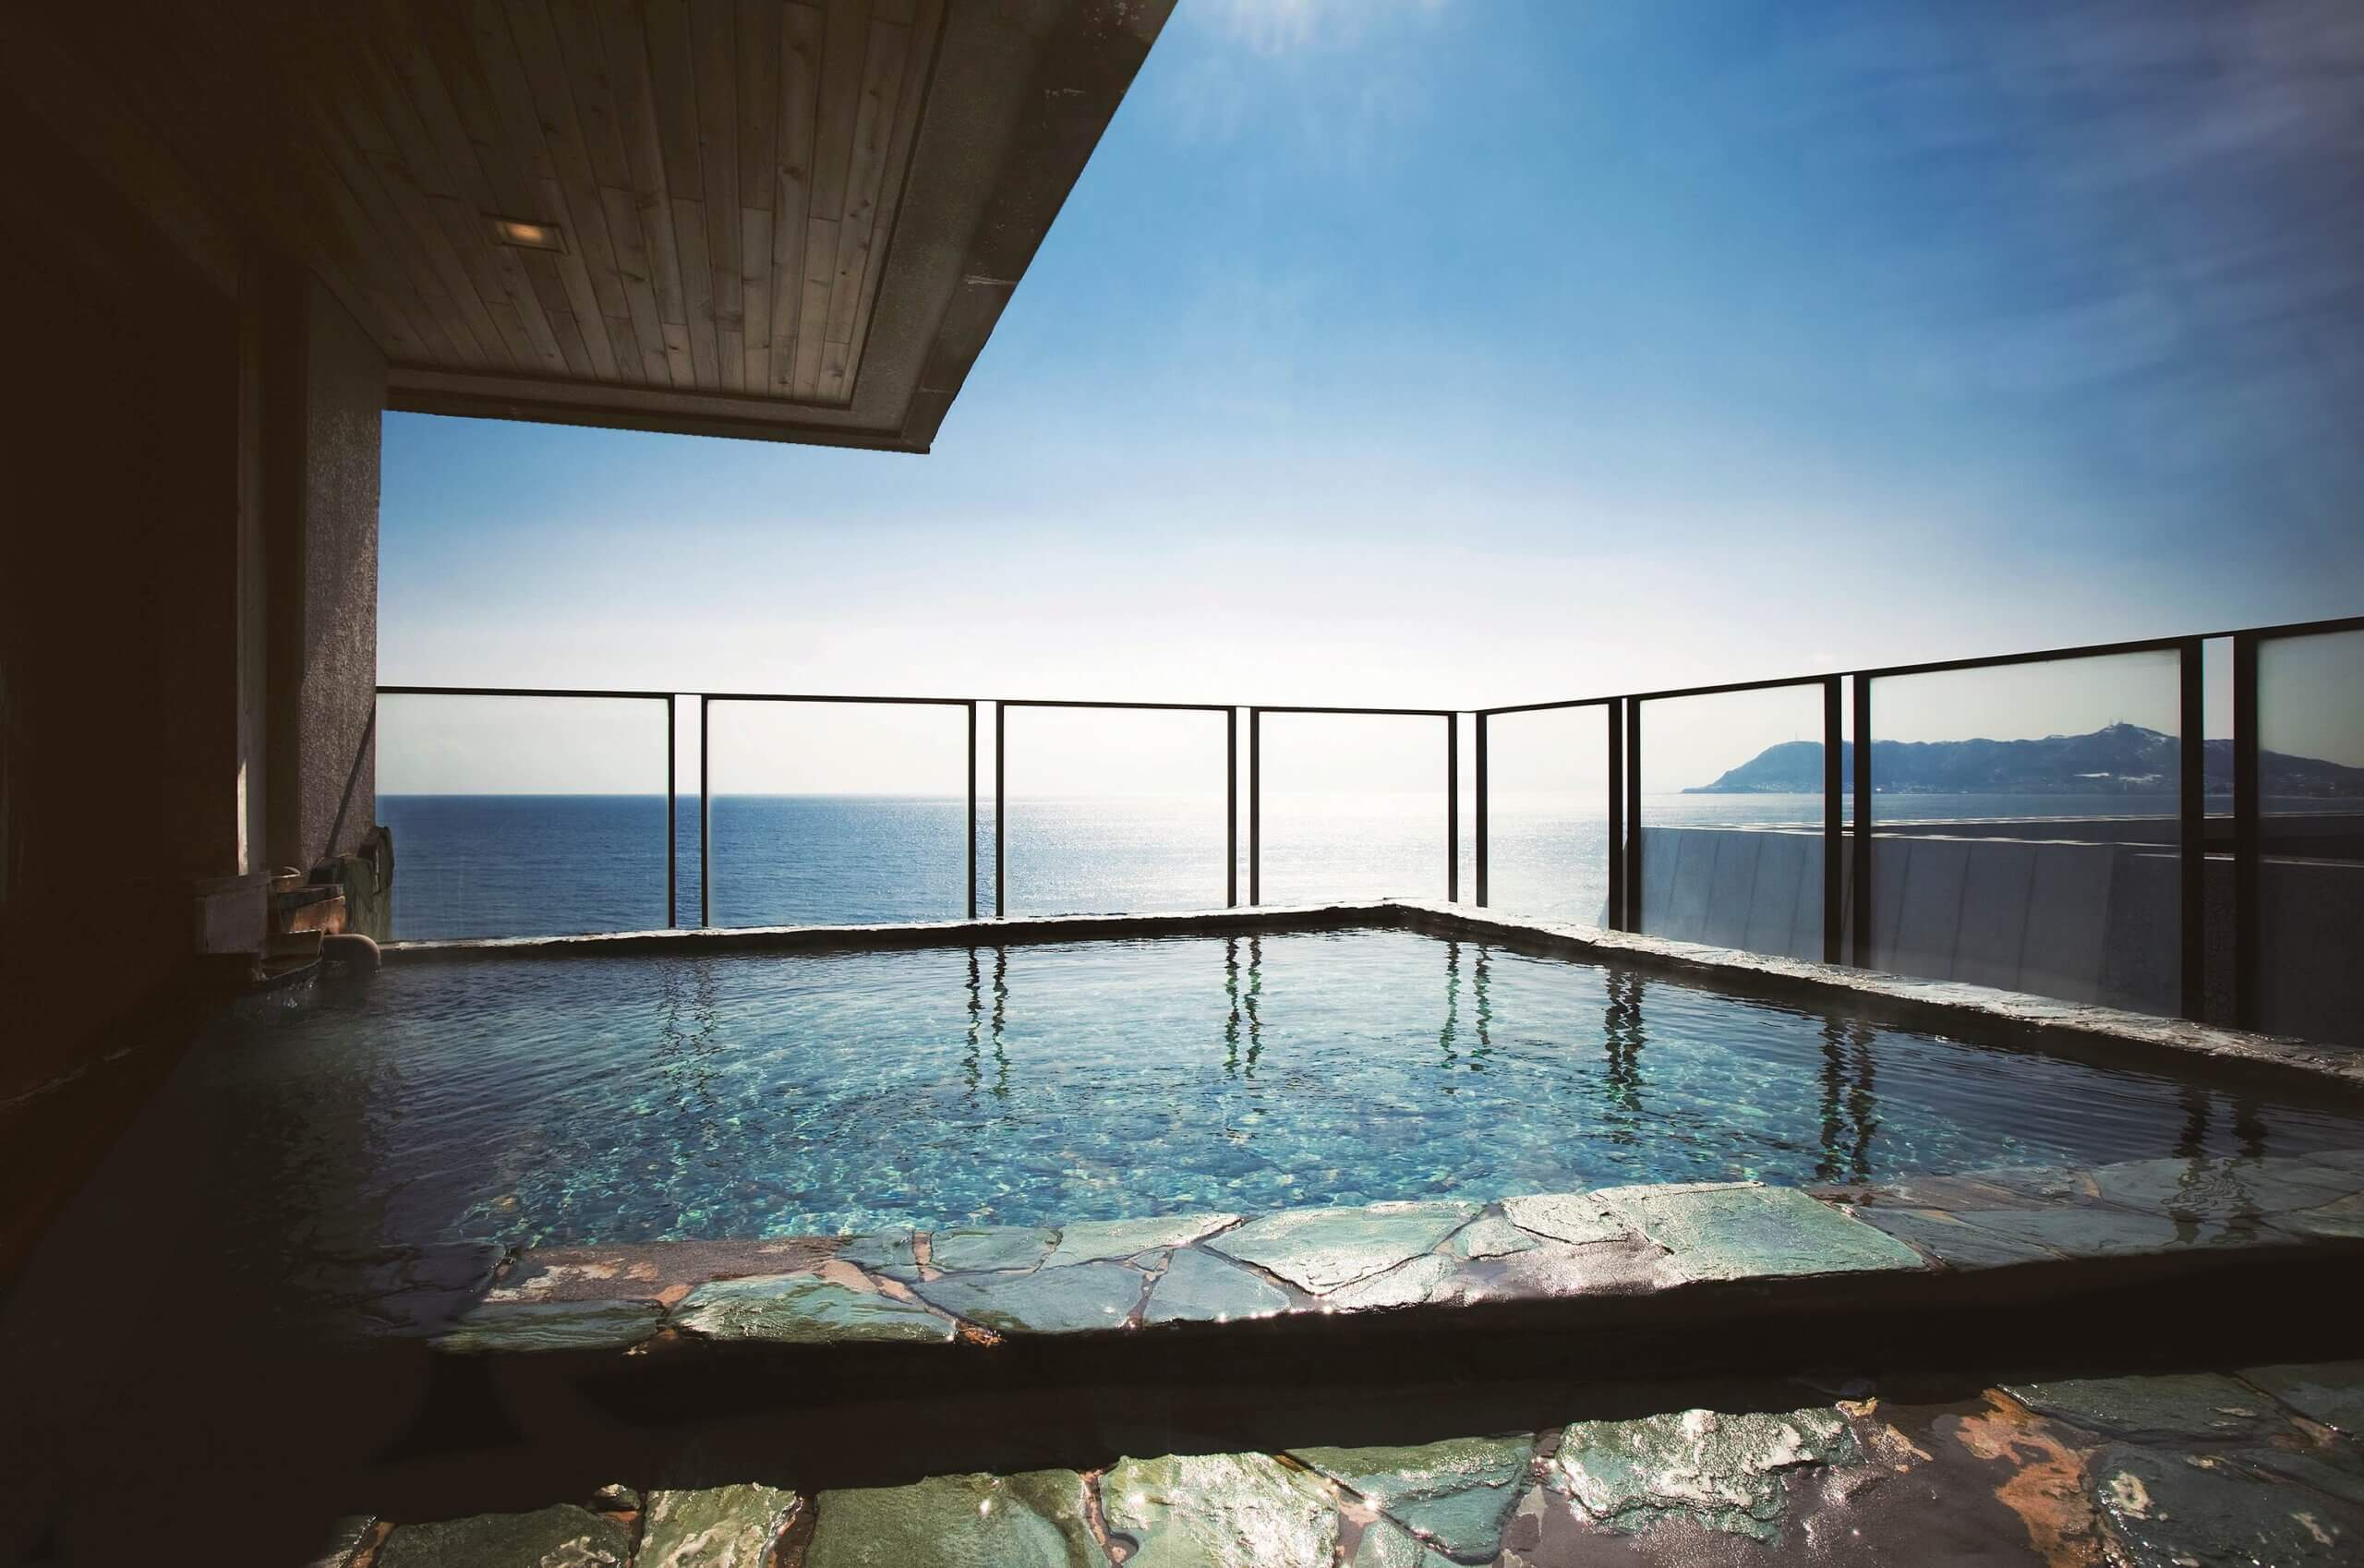 在露天浴池及房間內欣賞到著名的捕魷魚船燈光「湯之川溫泉」